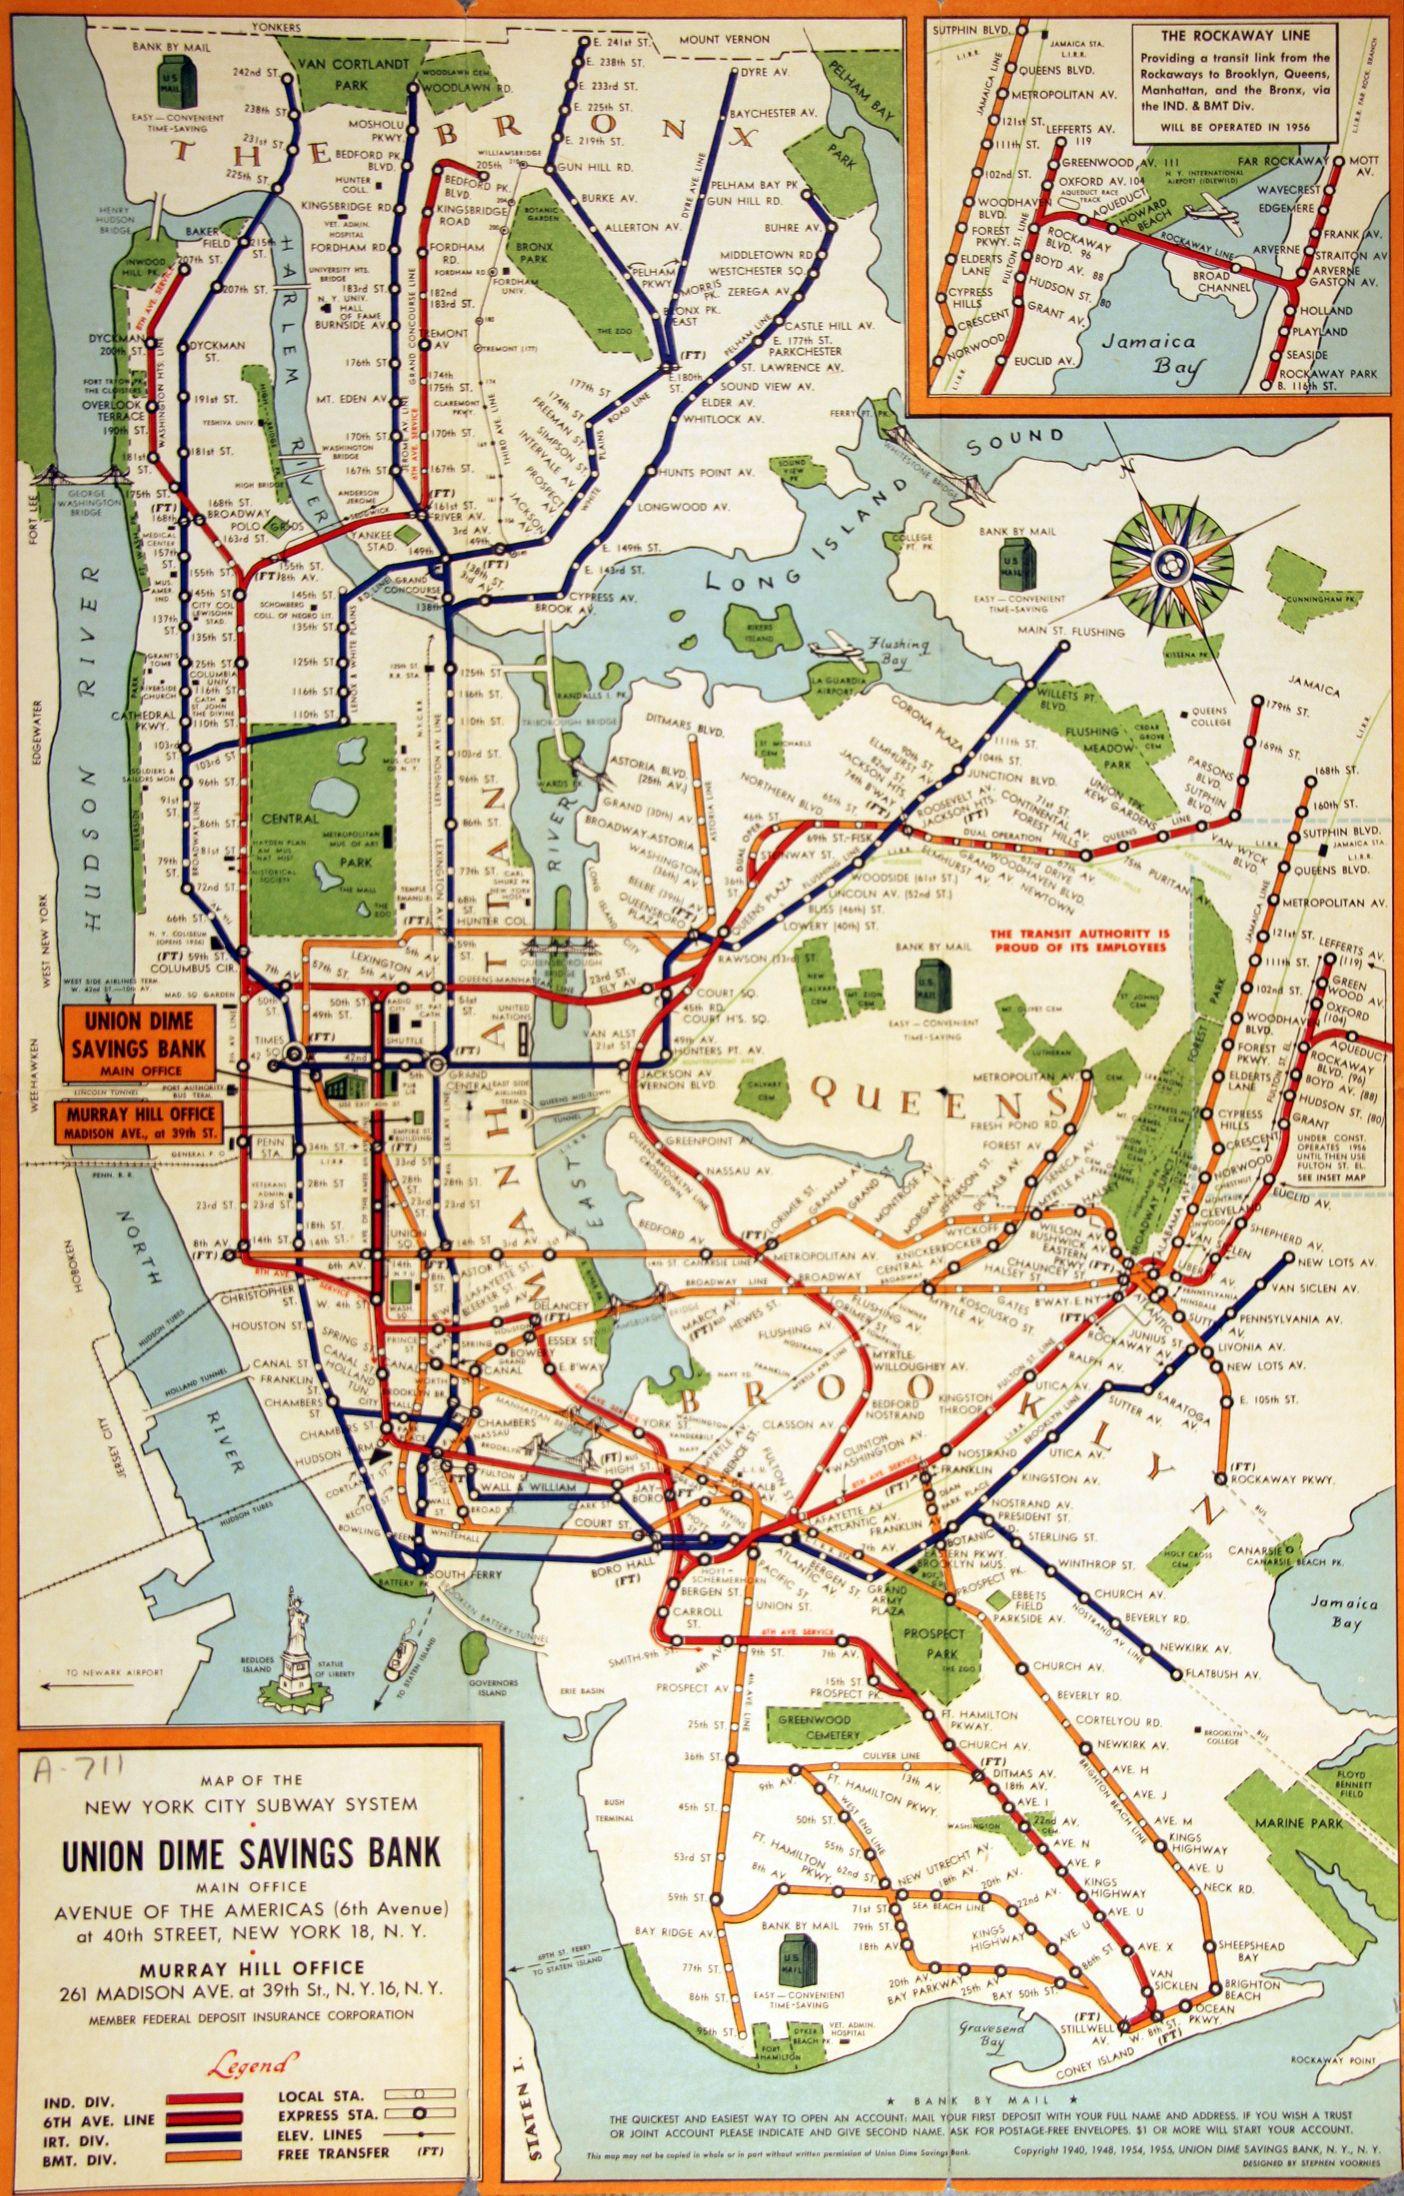 Nyc Subway Map Pics Stock.Pin By Julia Phillips On Nest Stock Images Nyc Subway Map Nyc